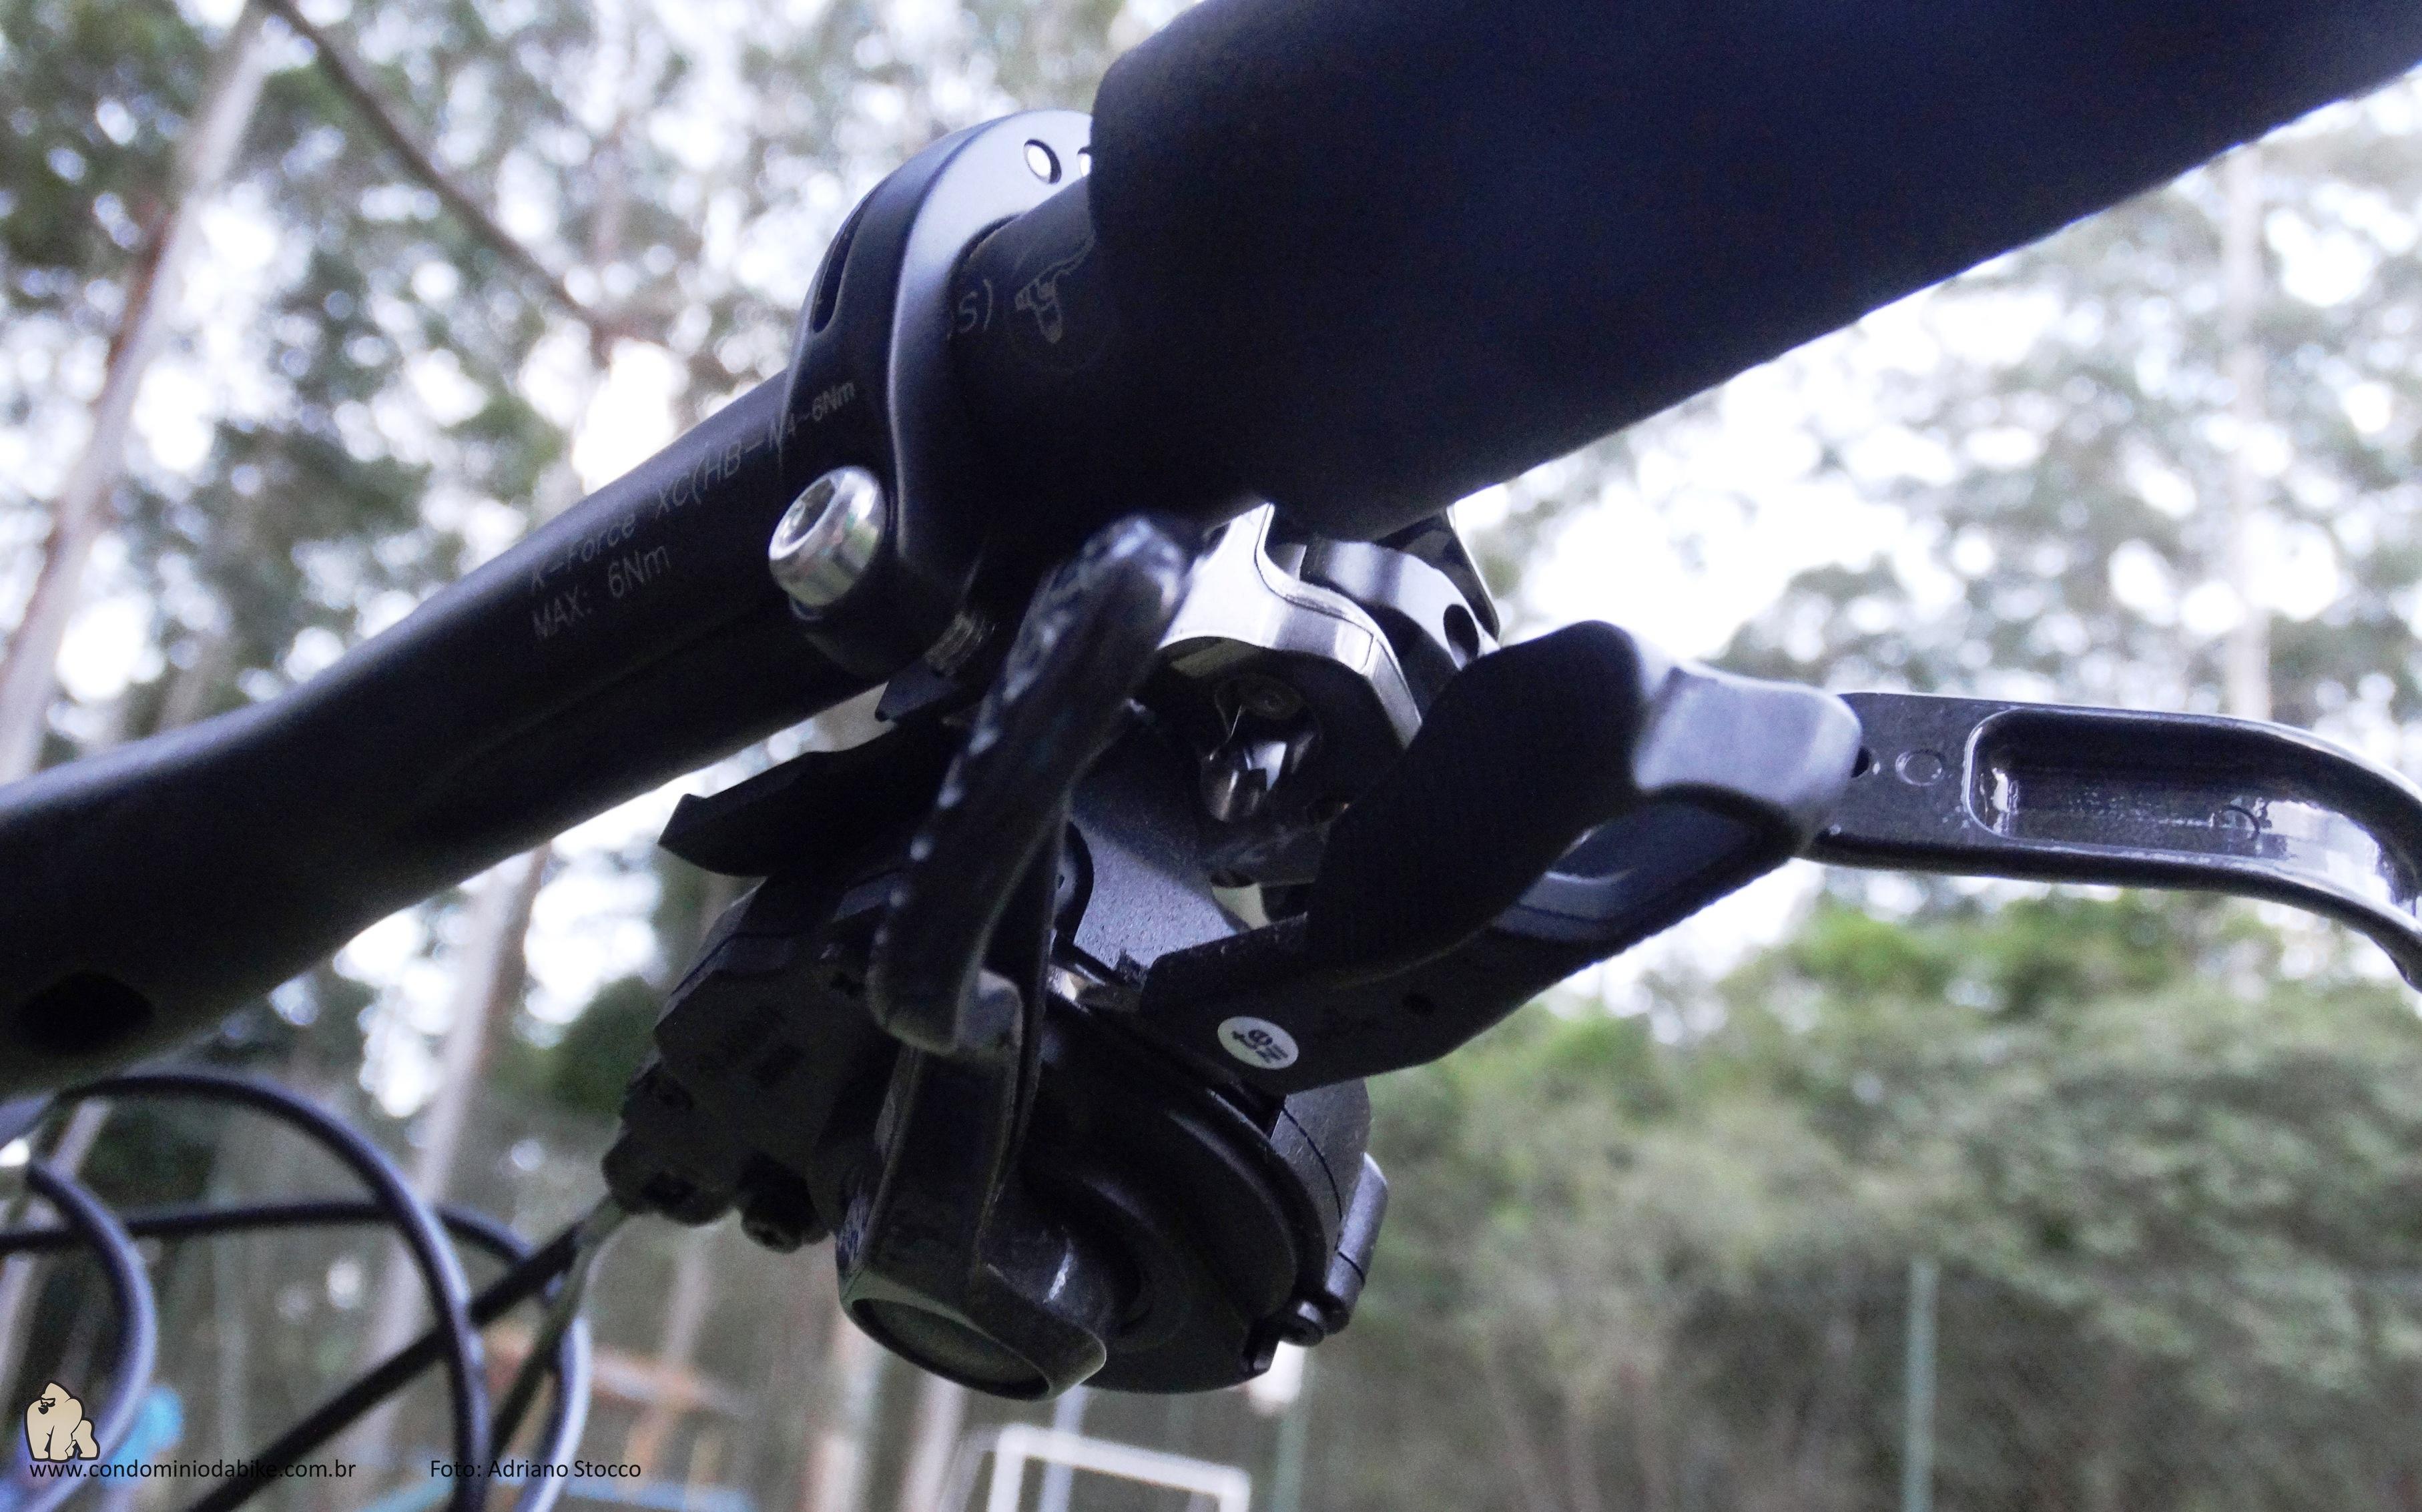 Audax FS 900X XTR (19)